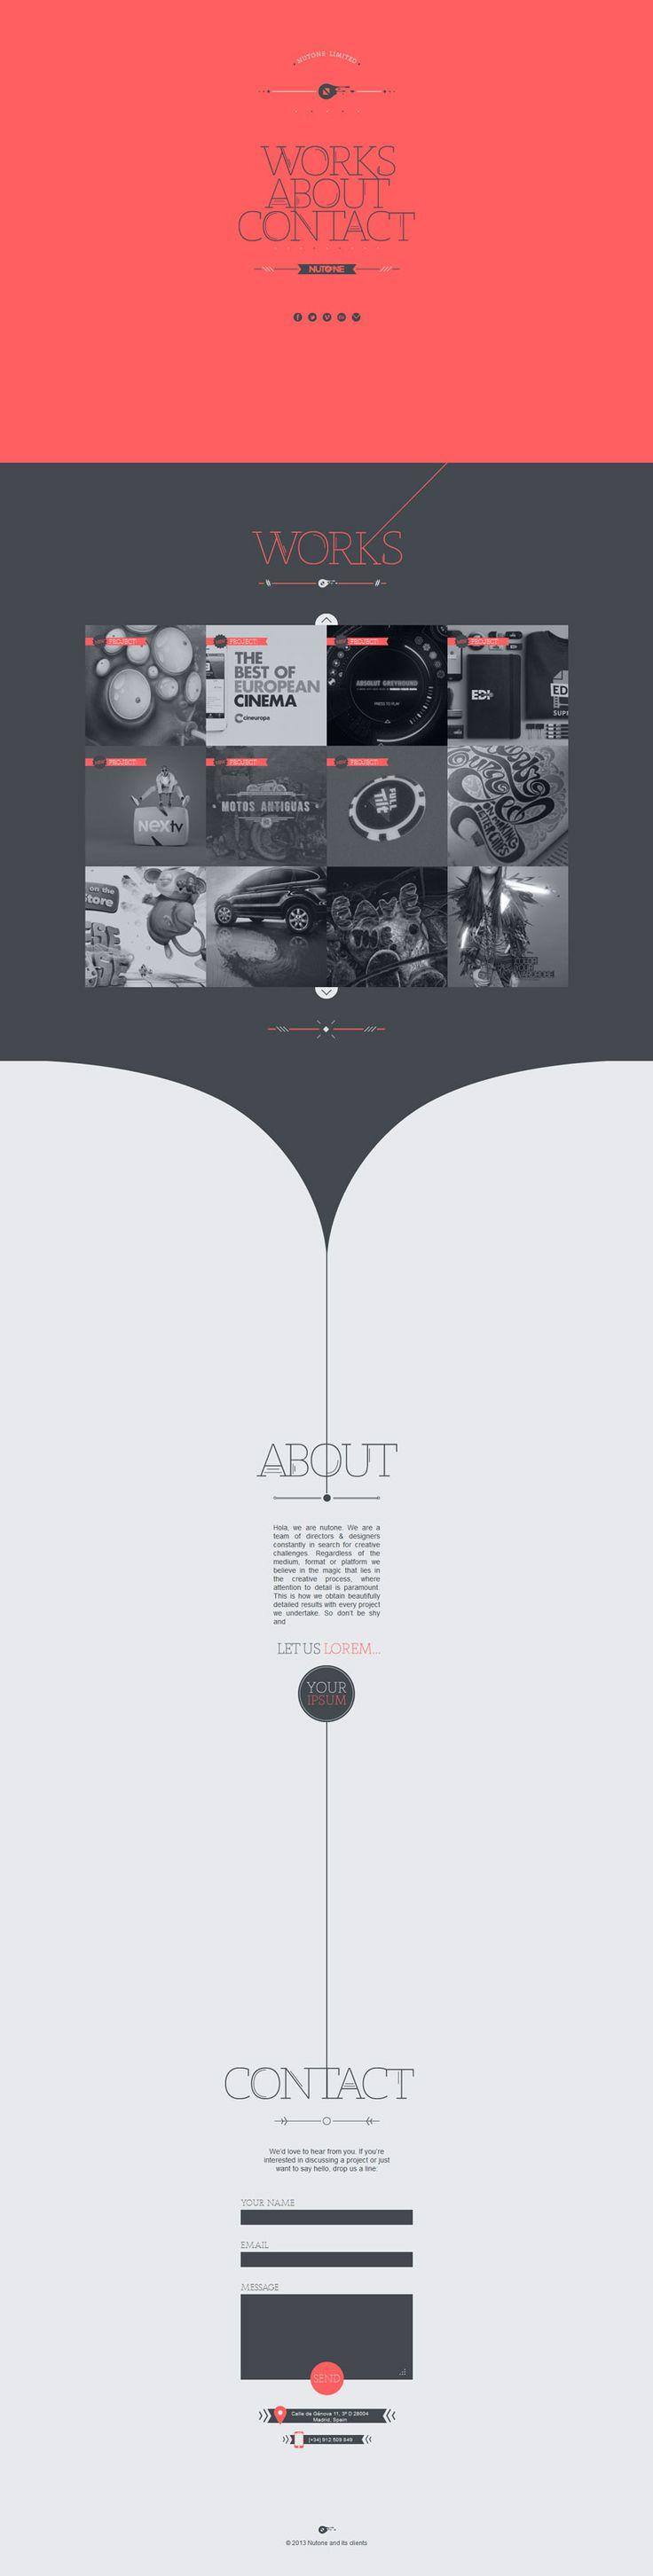 Nutone - Flat Design Website